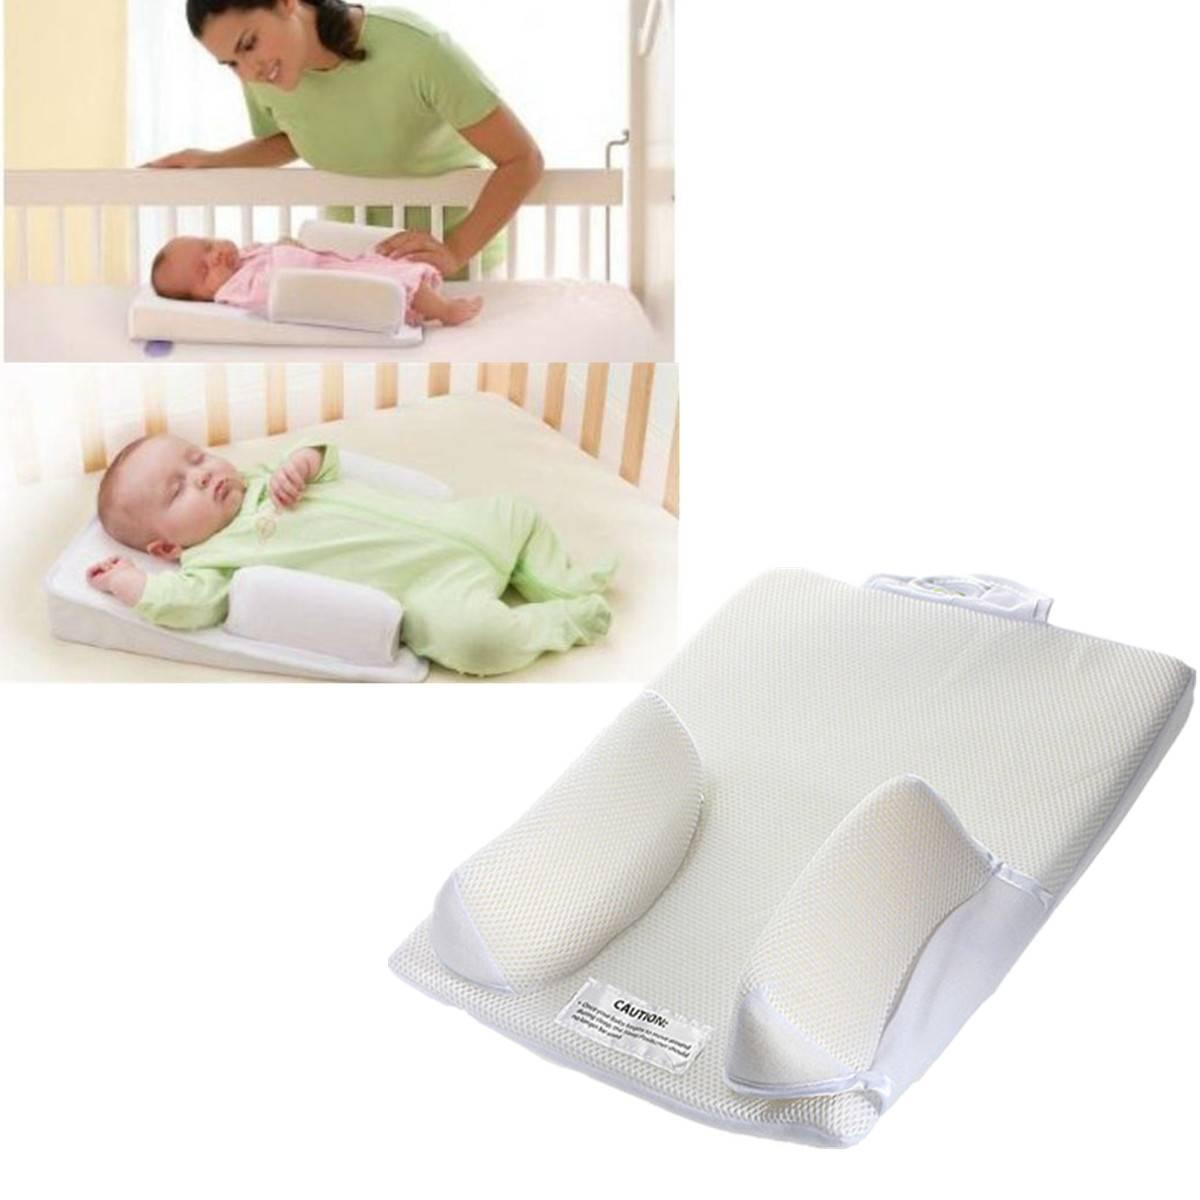 Позиционер для сна новорожденного назначение, изготовление своими руками